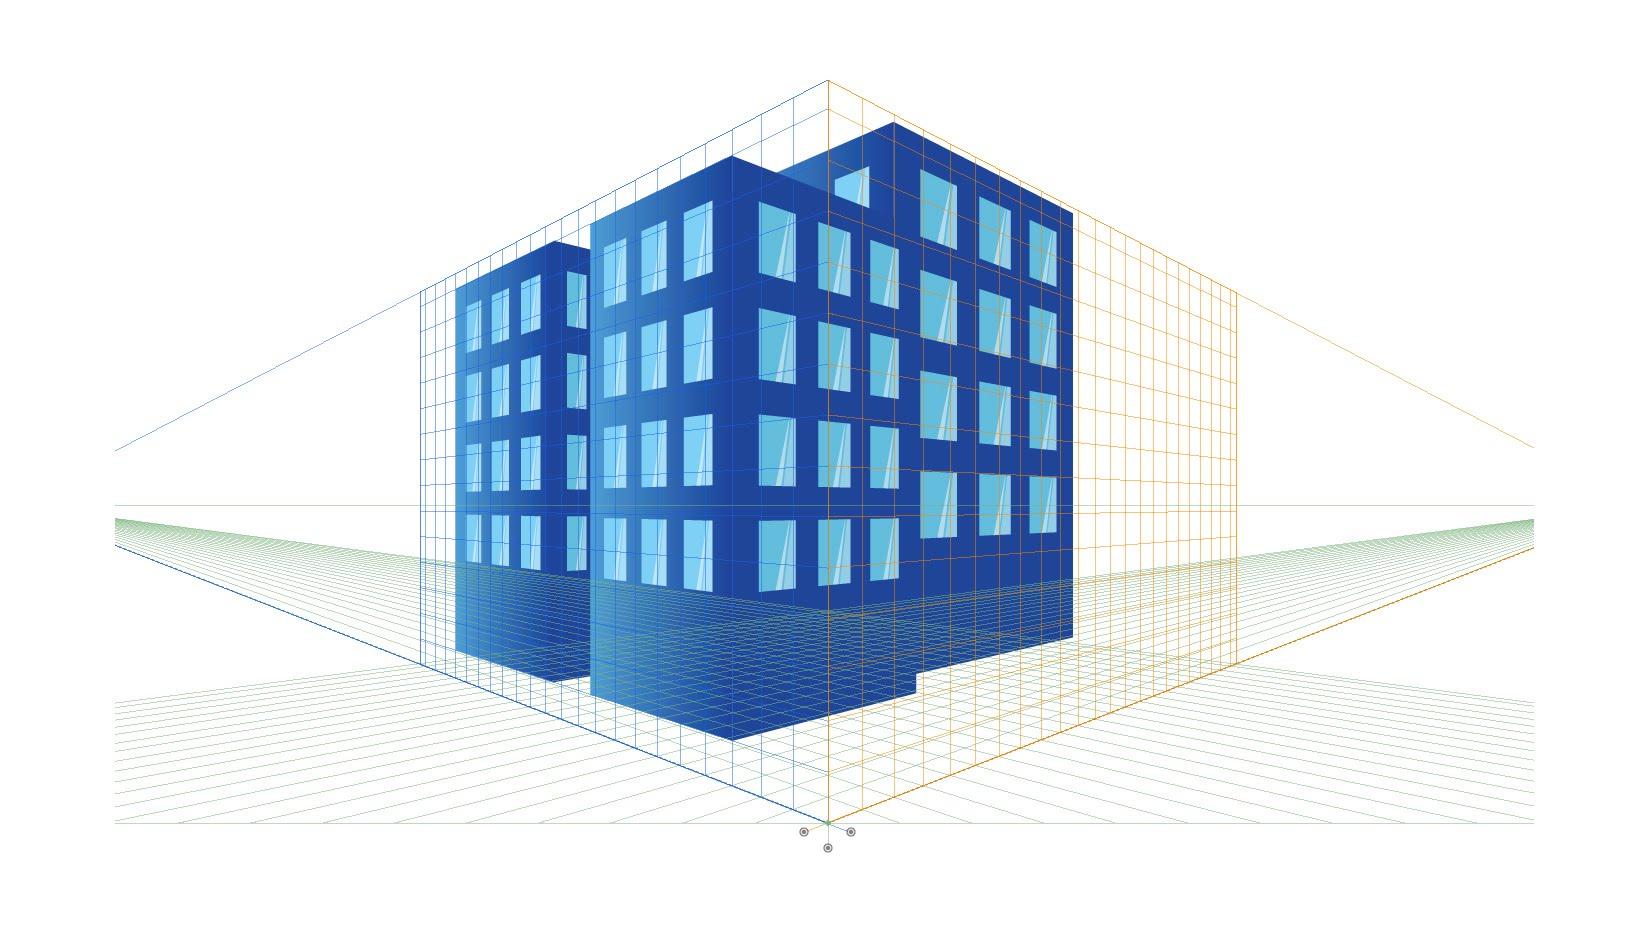 Immobilier neuf : avantages et inconvénients